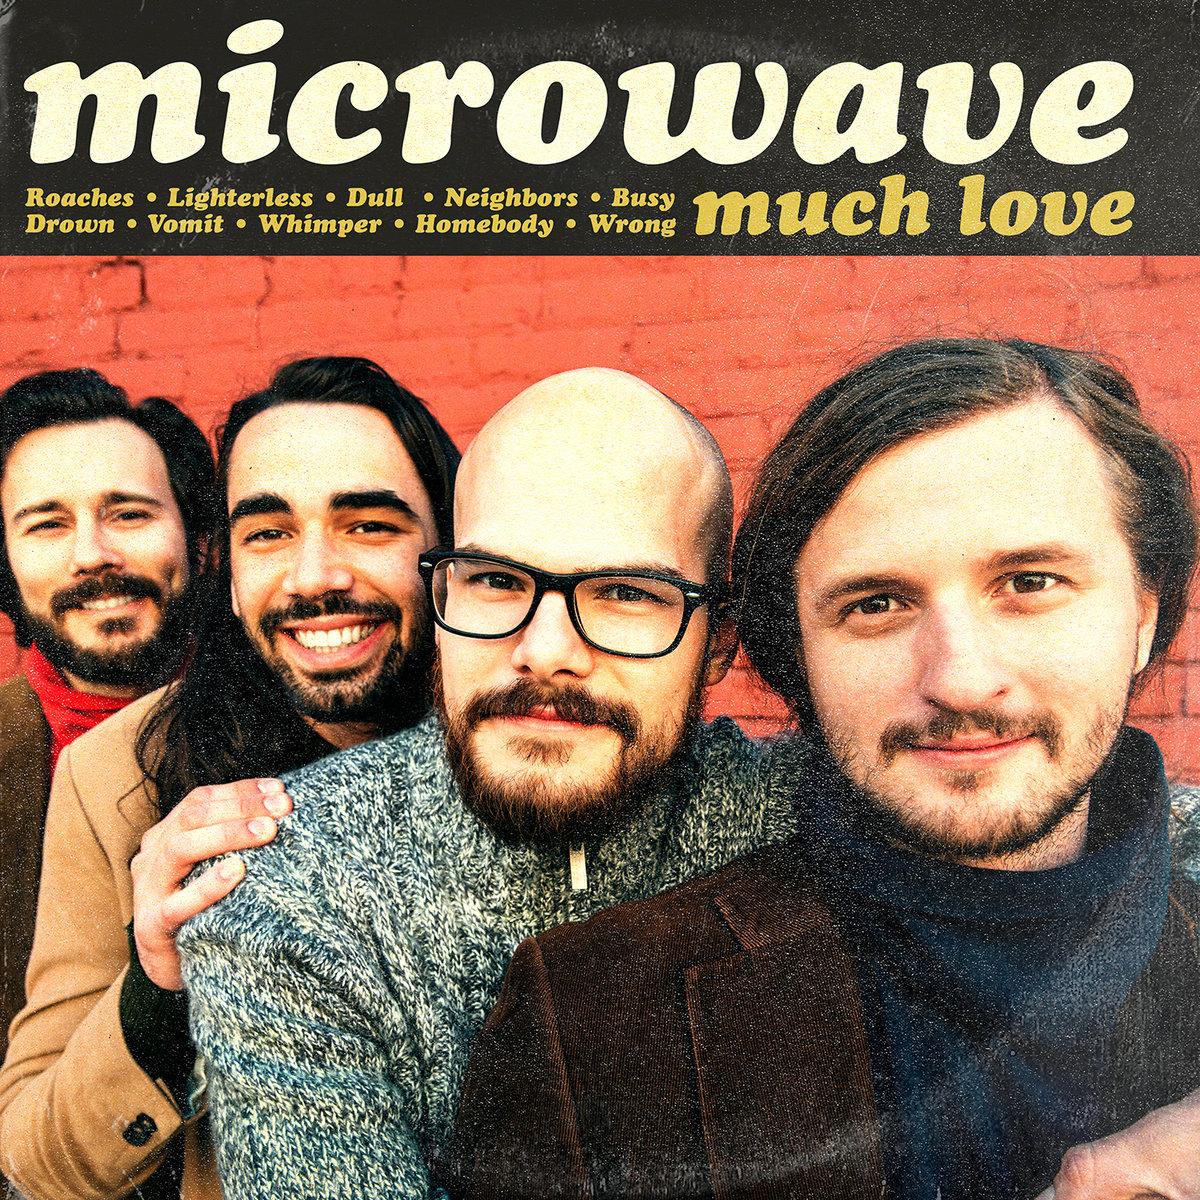 Microwave - Much Love LP